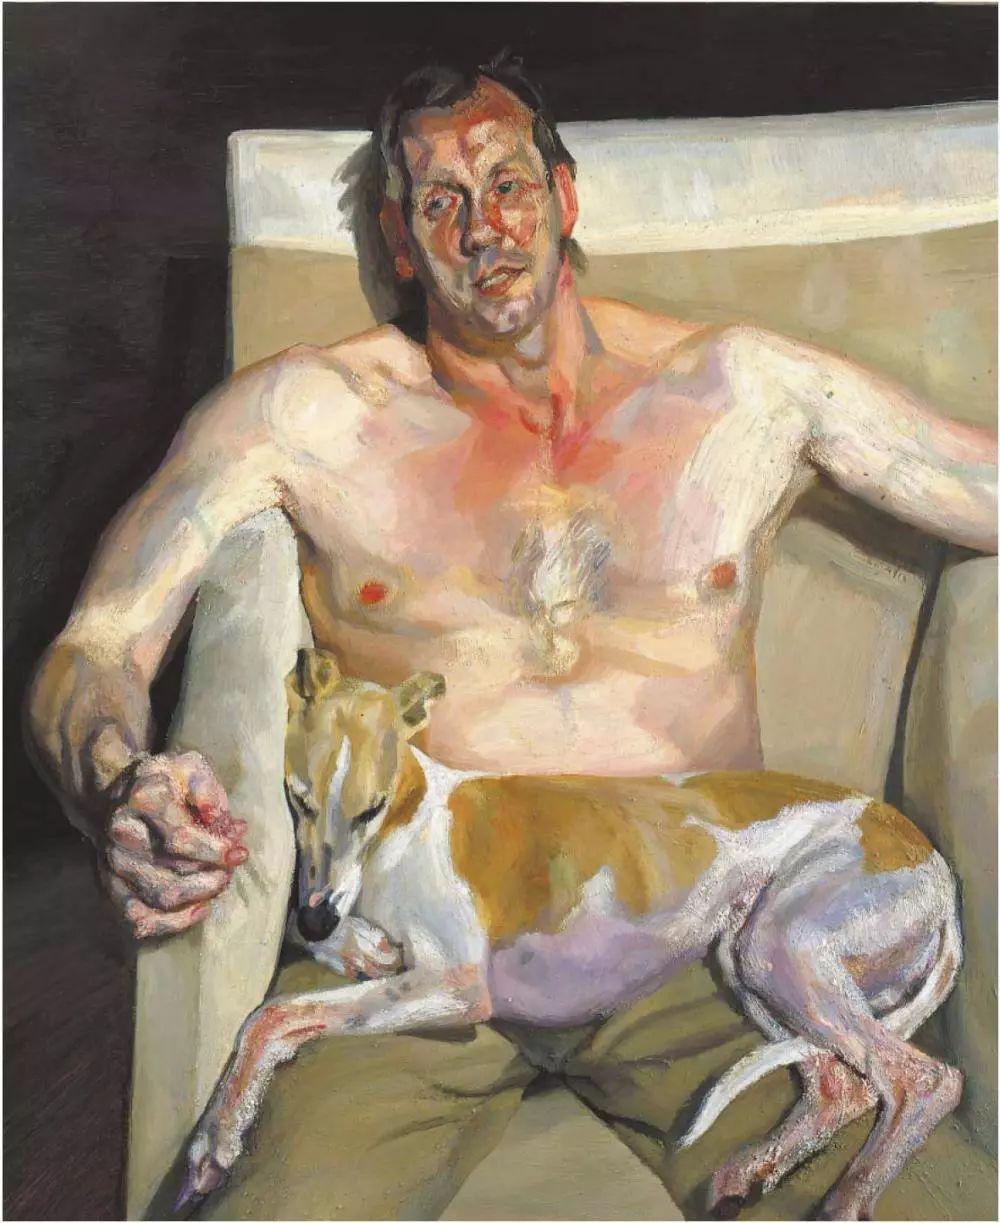 他见一个爱一个画一个,白床上人体拍近2亿元插图93